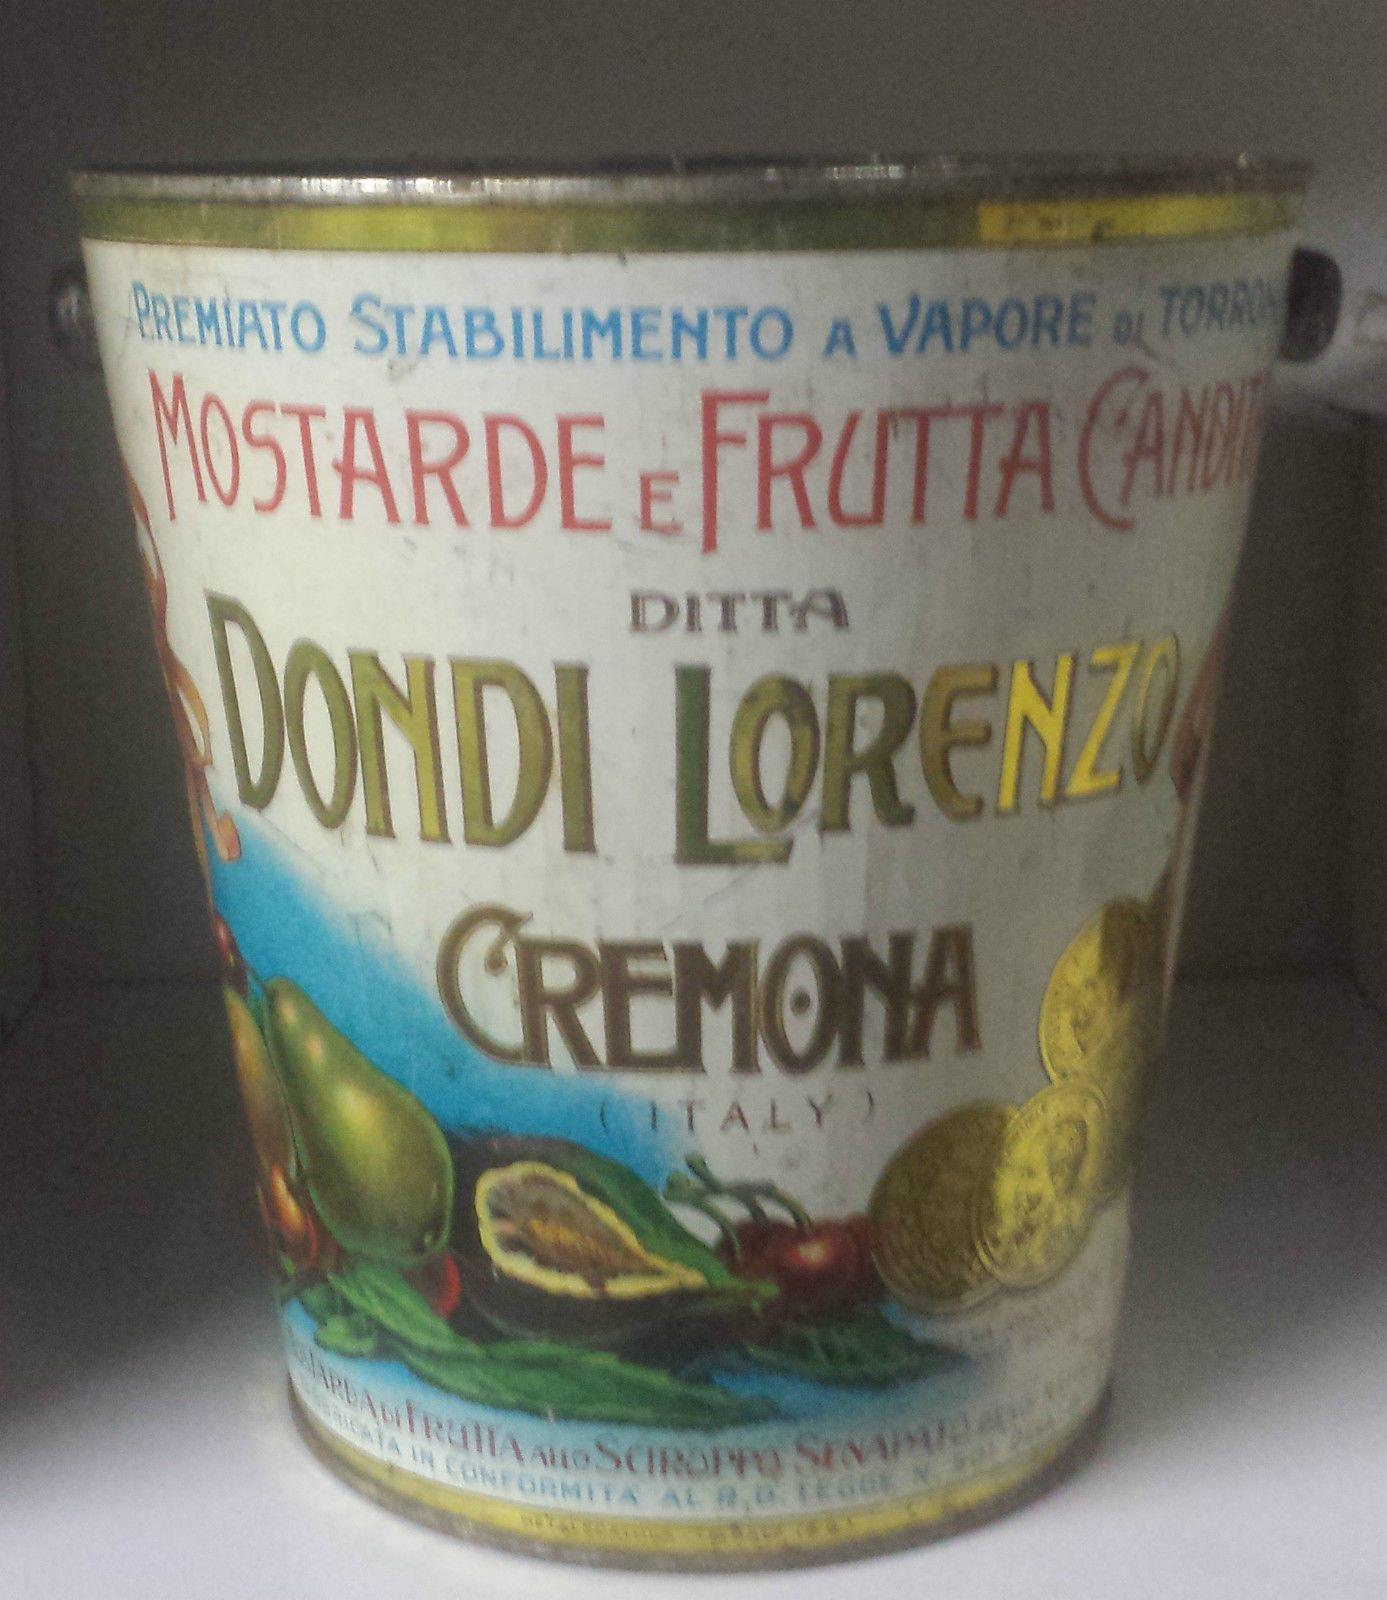 SCATOLA DI LATTA ANNI 1920 DONDI LORENZO CREMONA | eBay